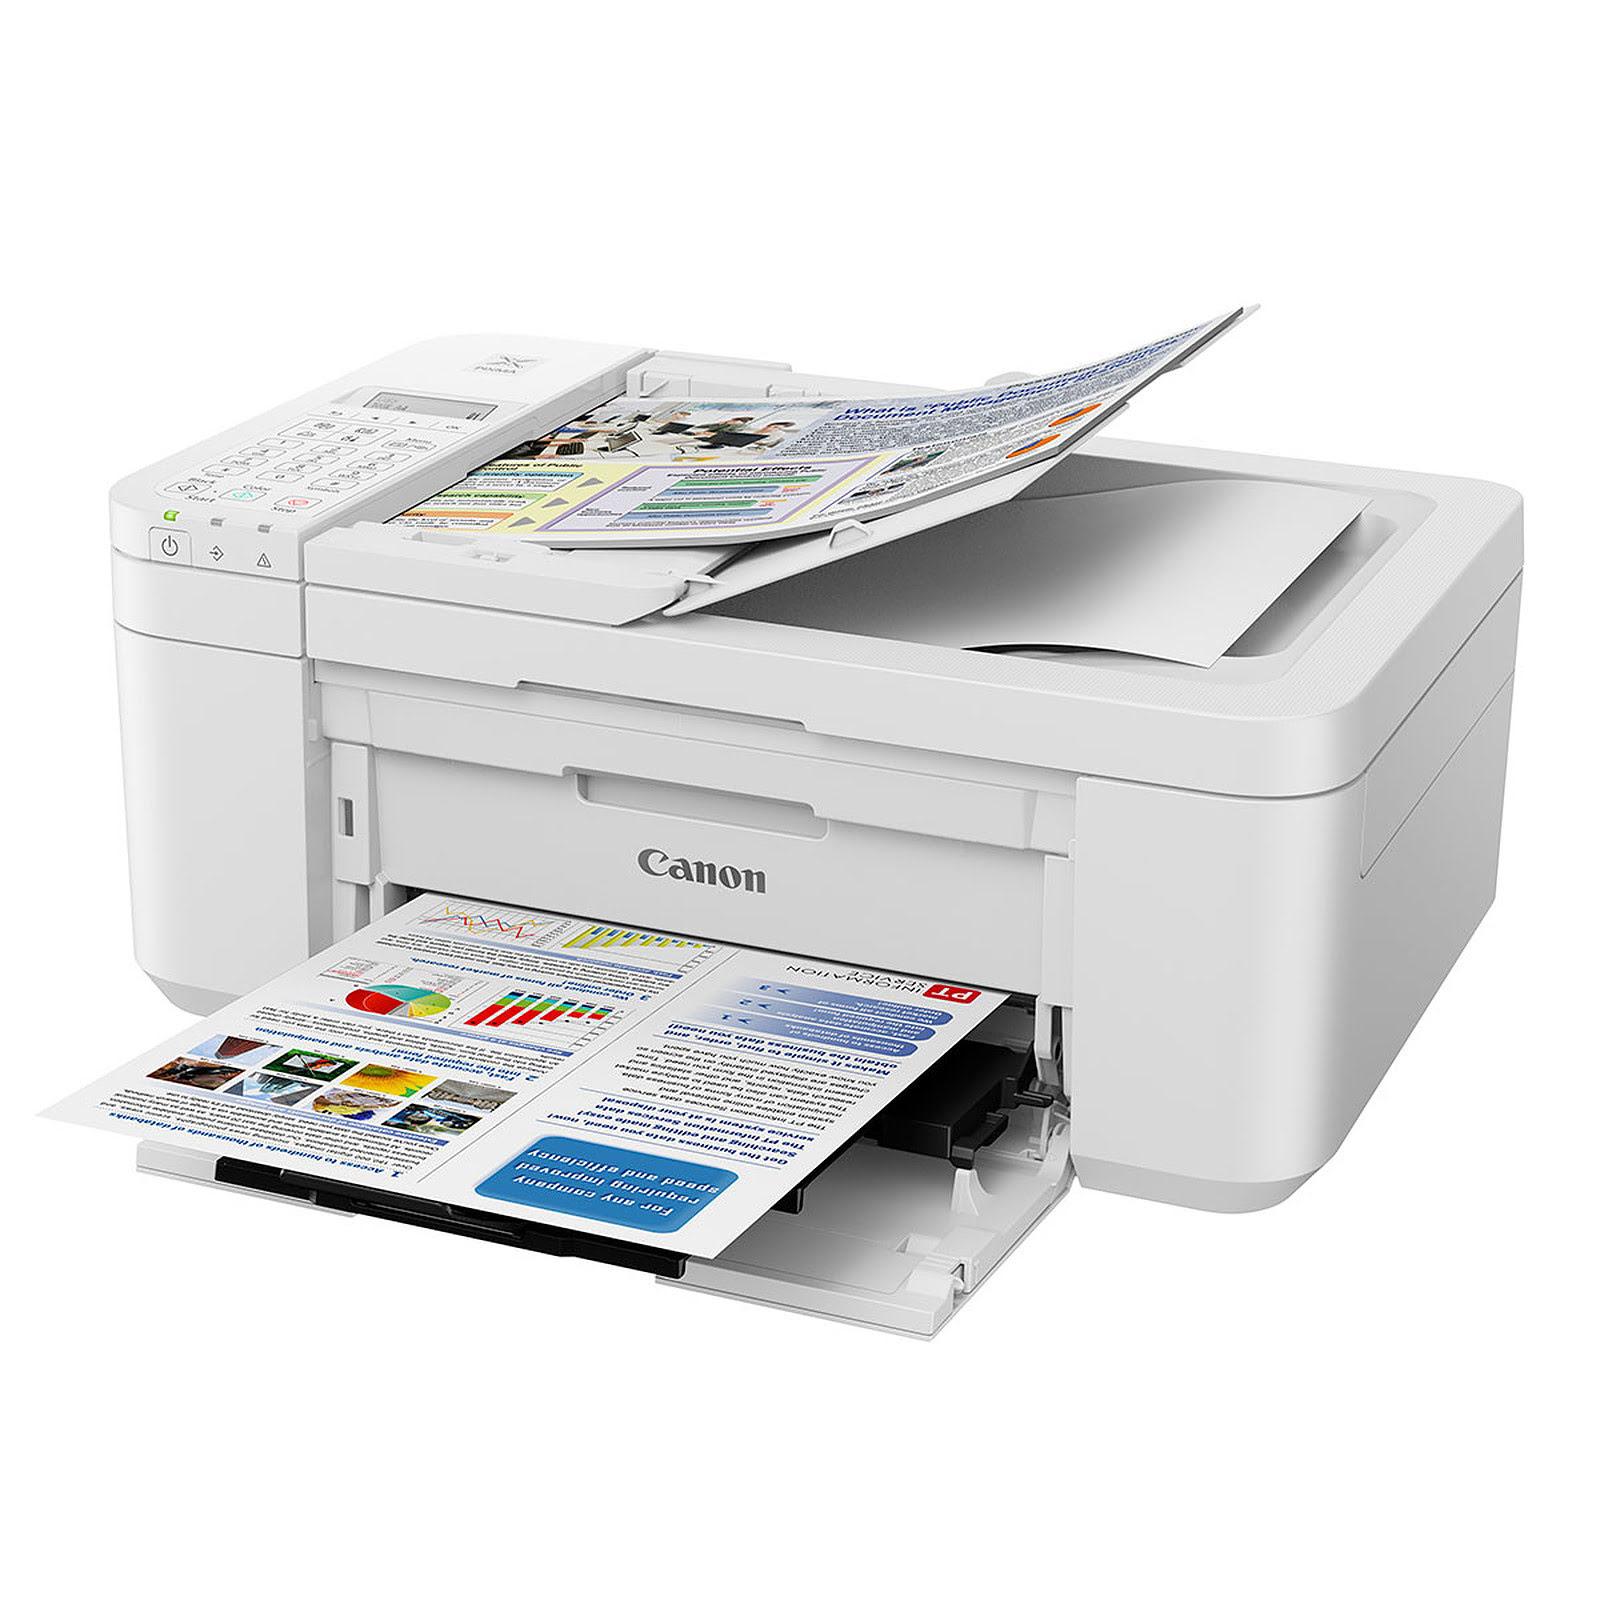 Imprimante multifonction Canon PIXMA TR4551 White - Cybertek.fr - 3